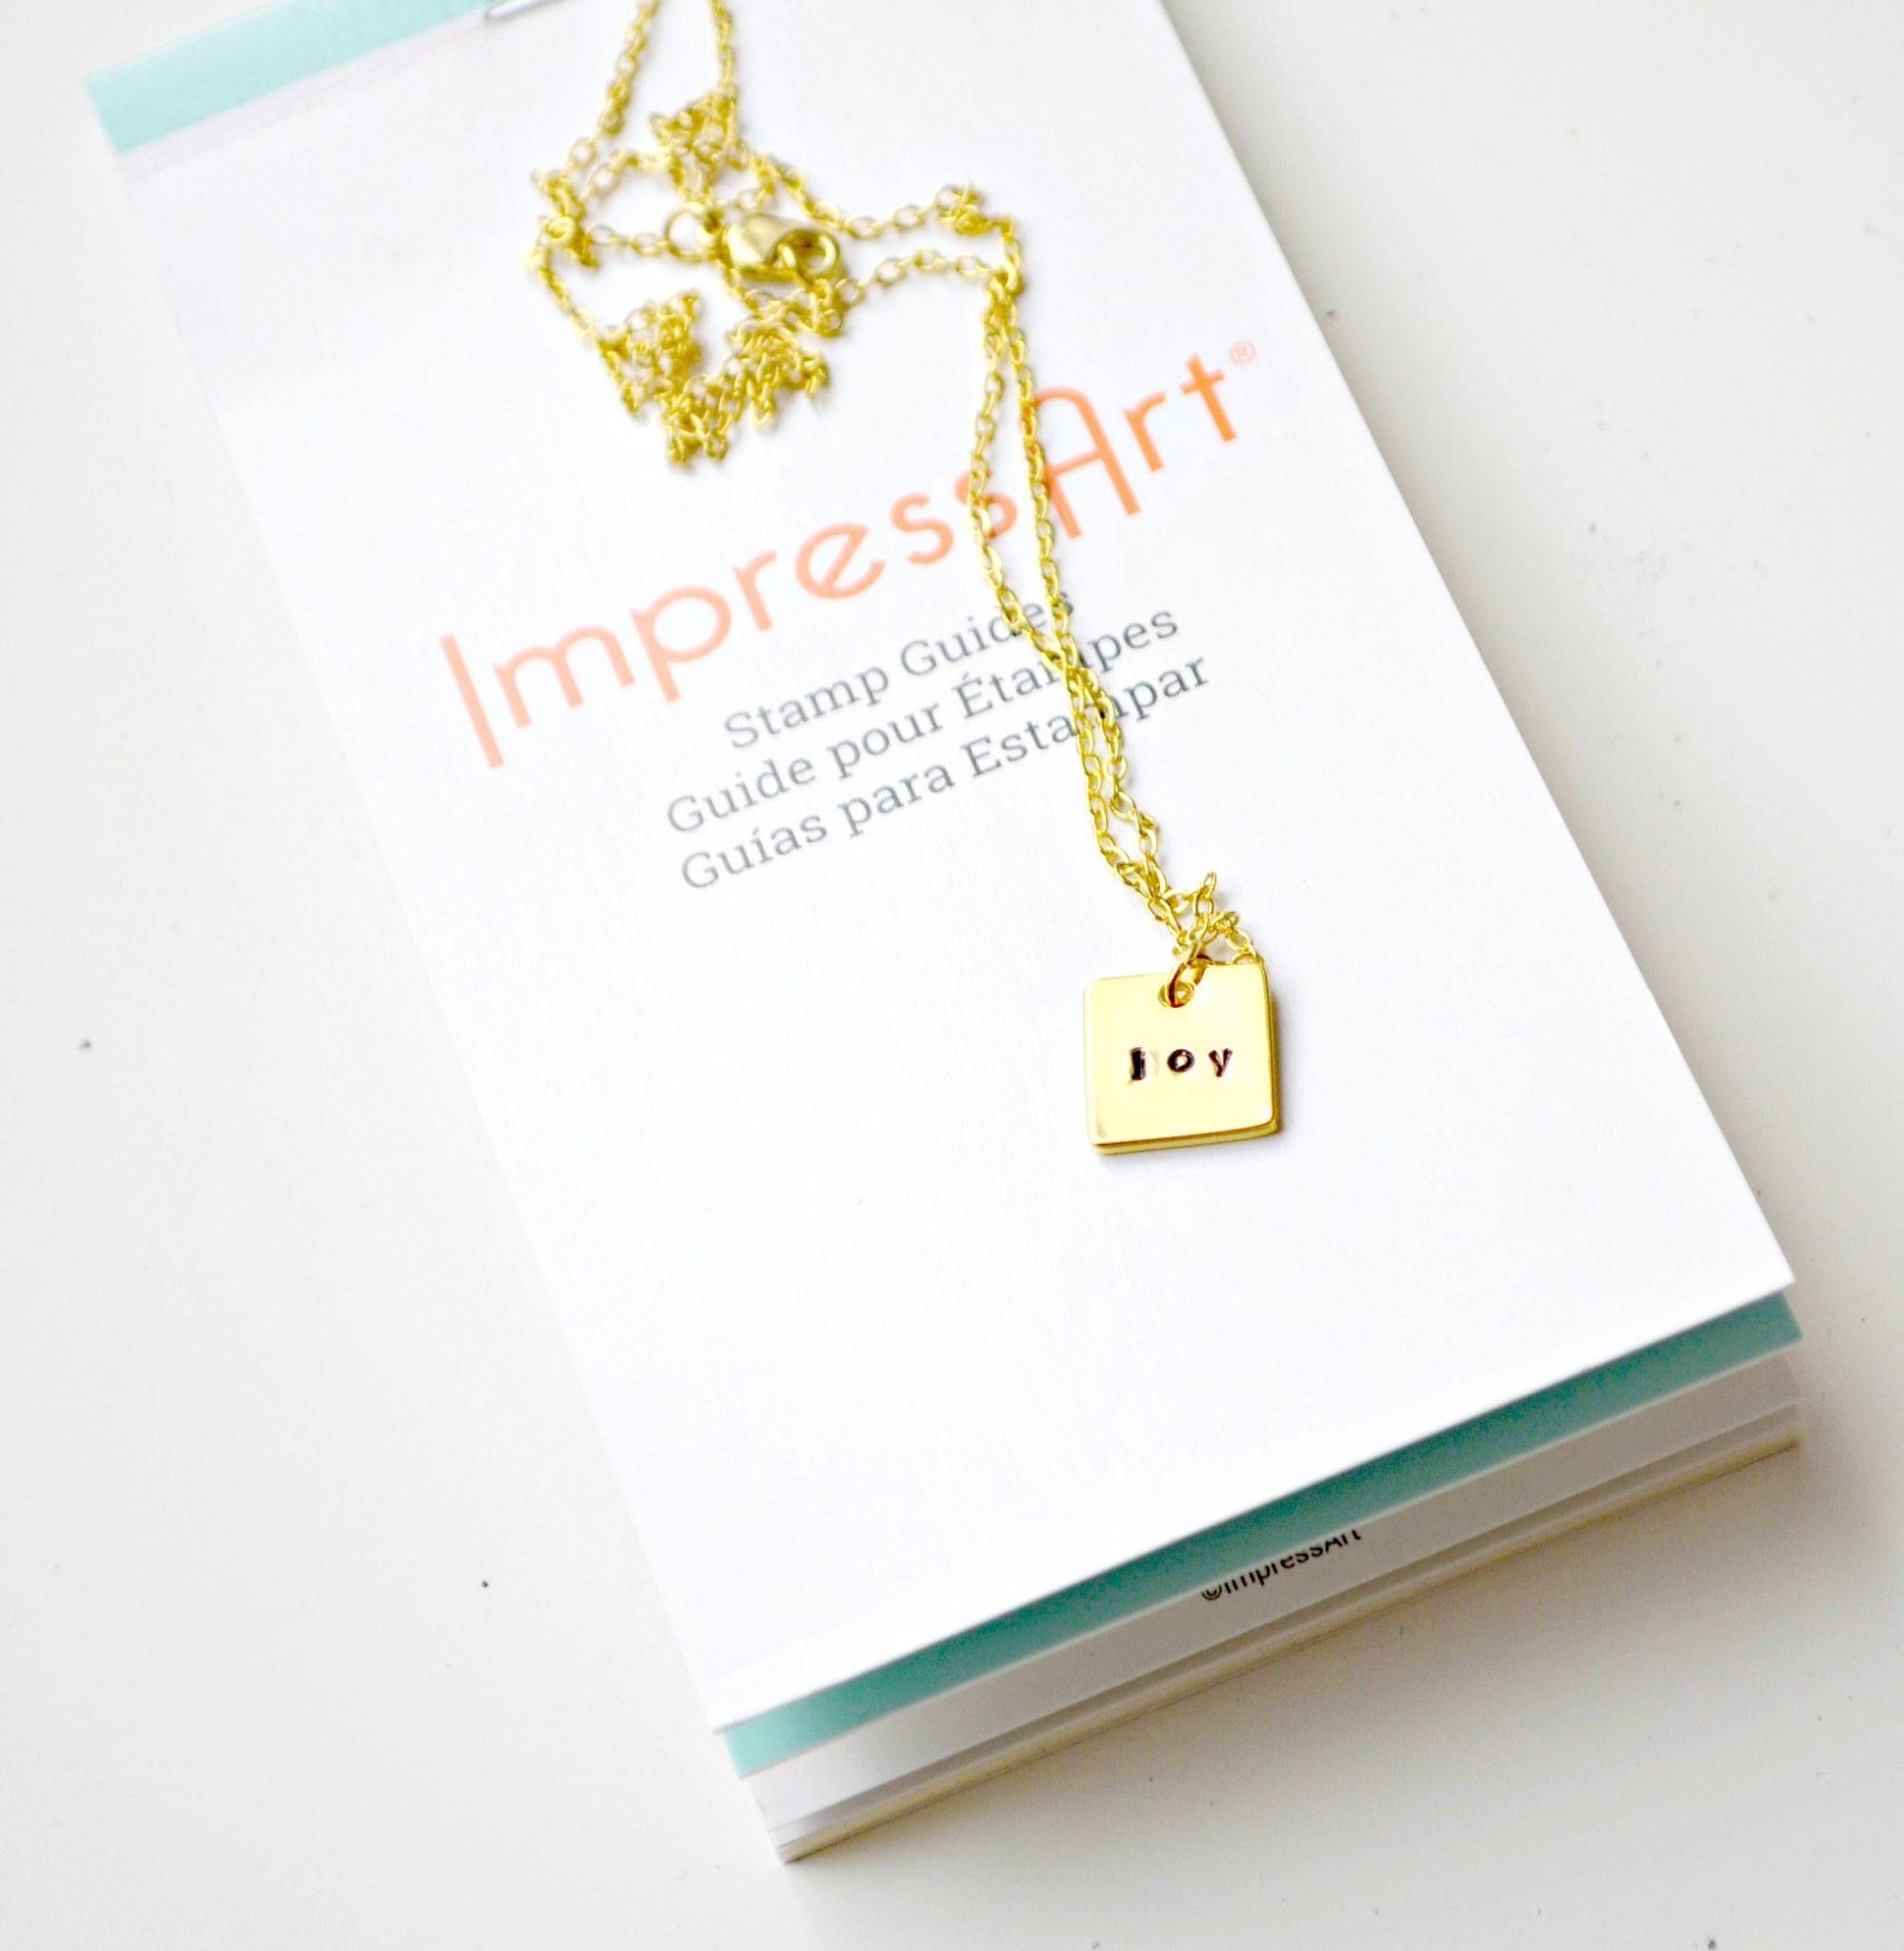 ImpressArt Stamp Guides